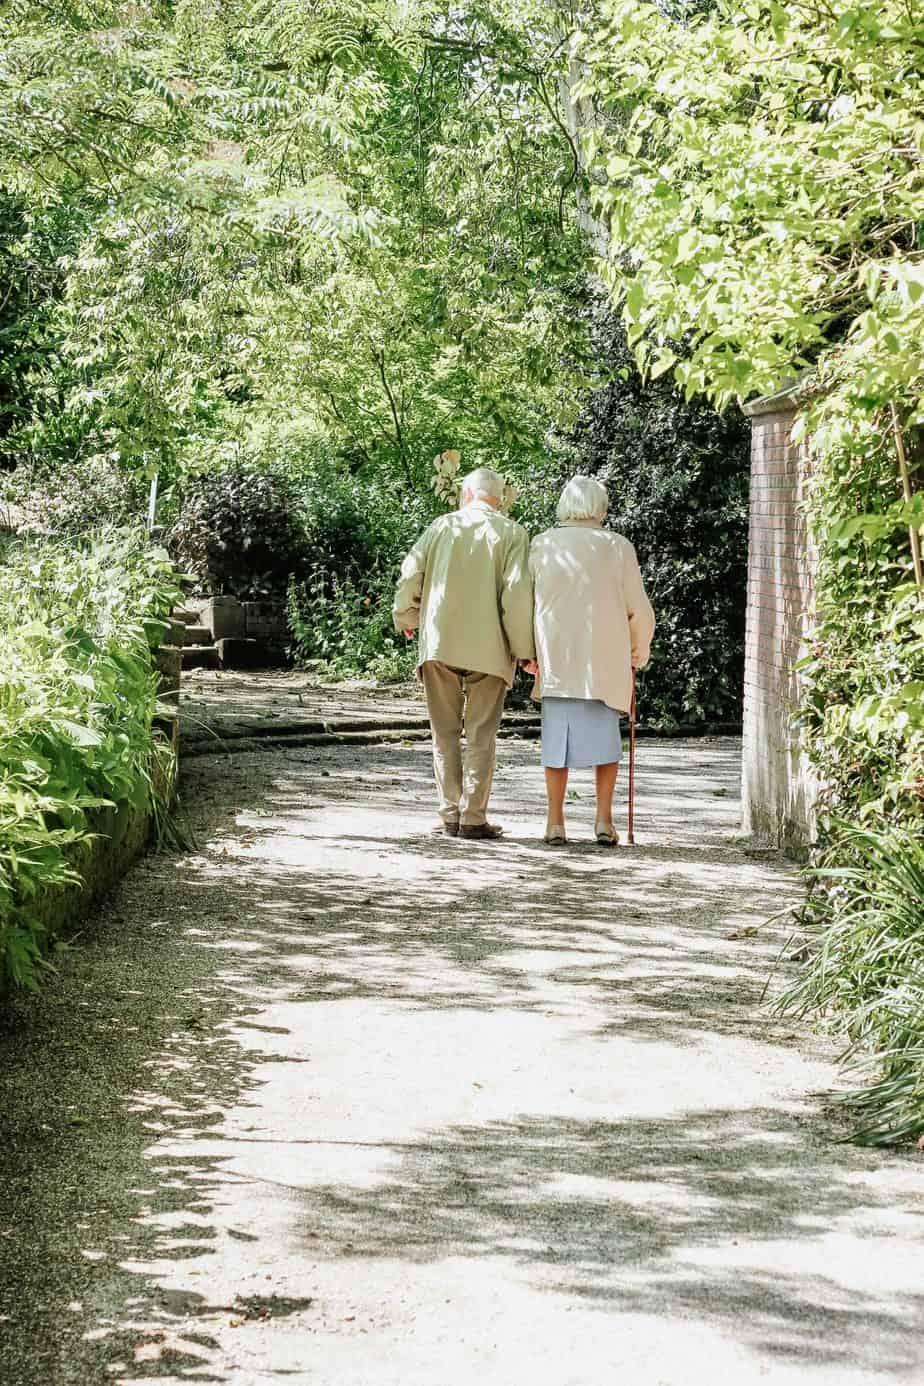 Maneras de cuidar a tus padres ancianos